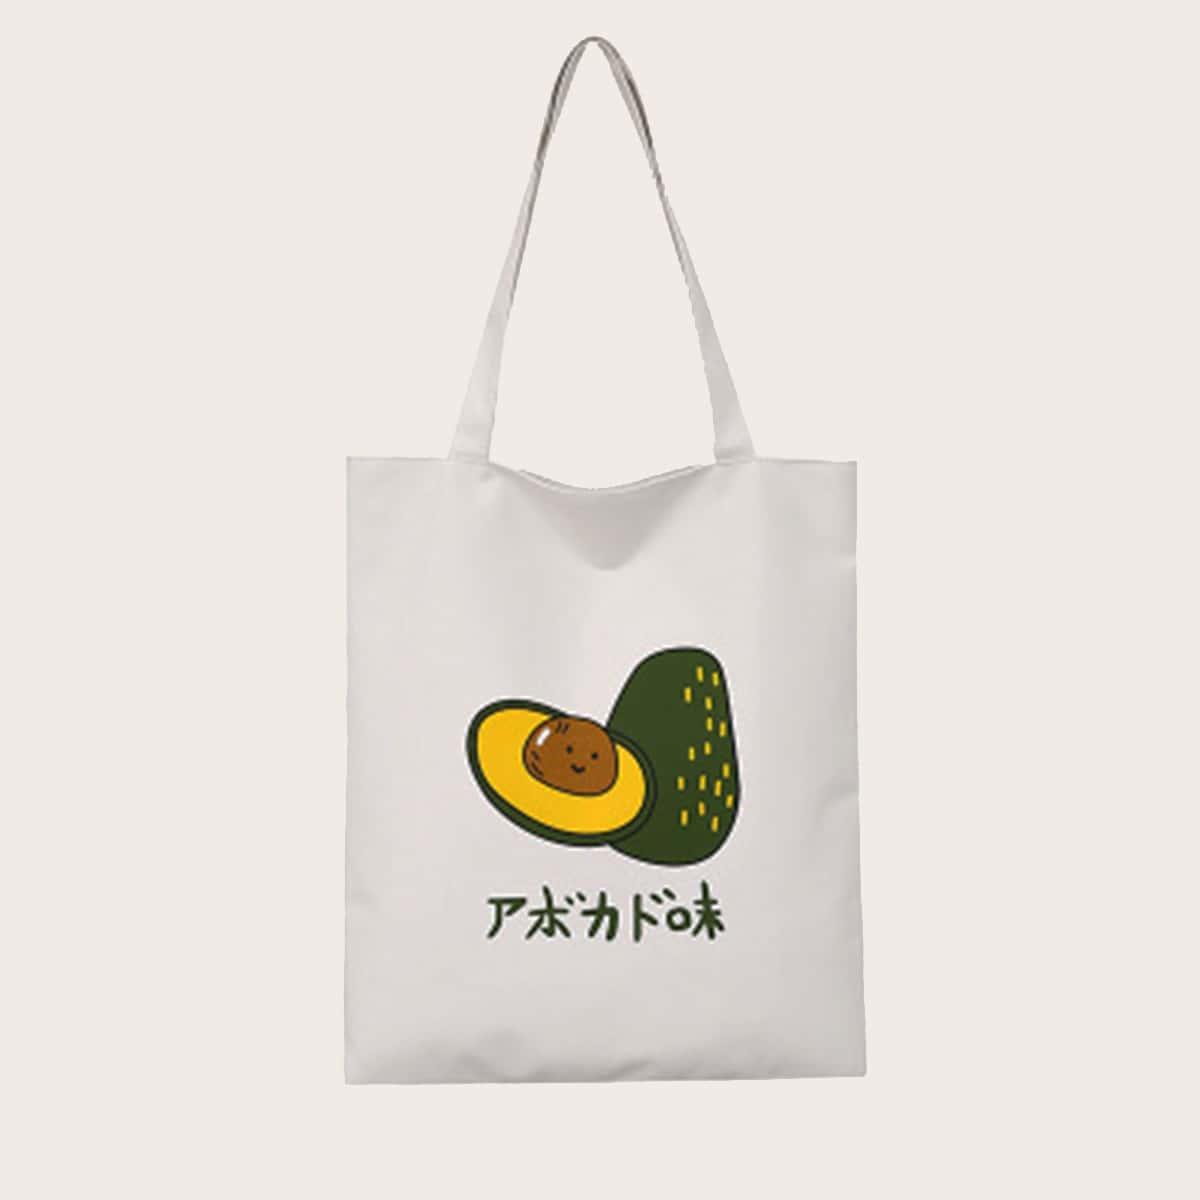 Сумка-шоппер с японскими буквами